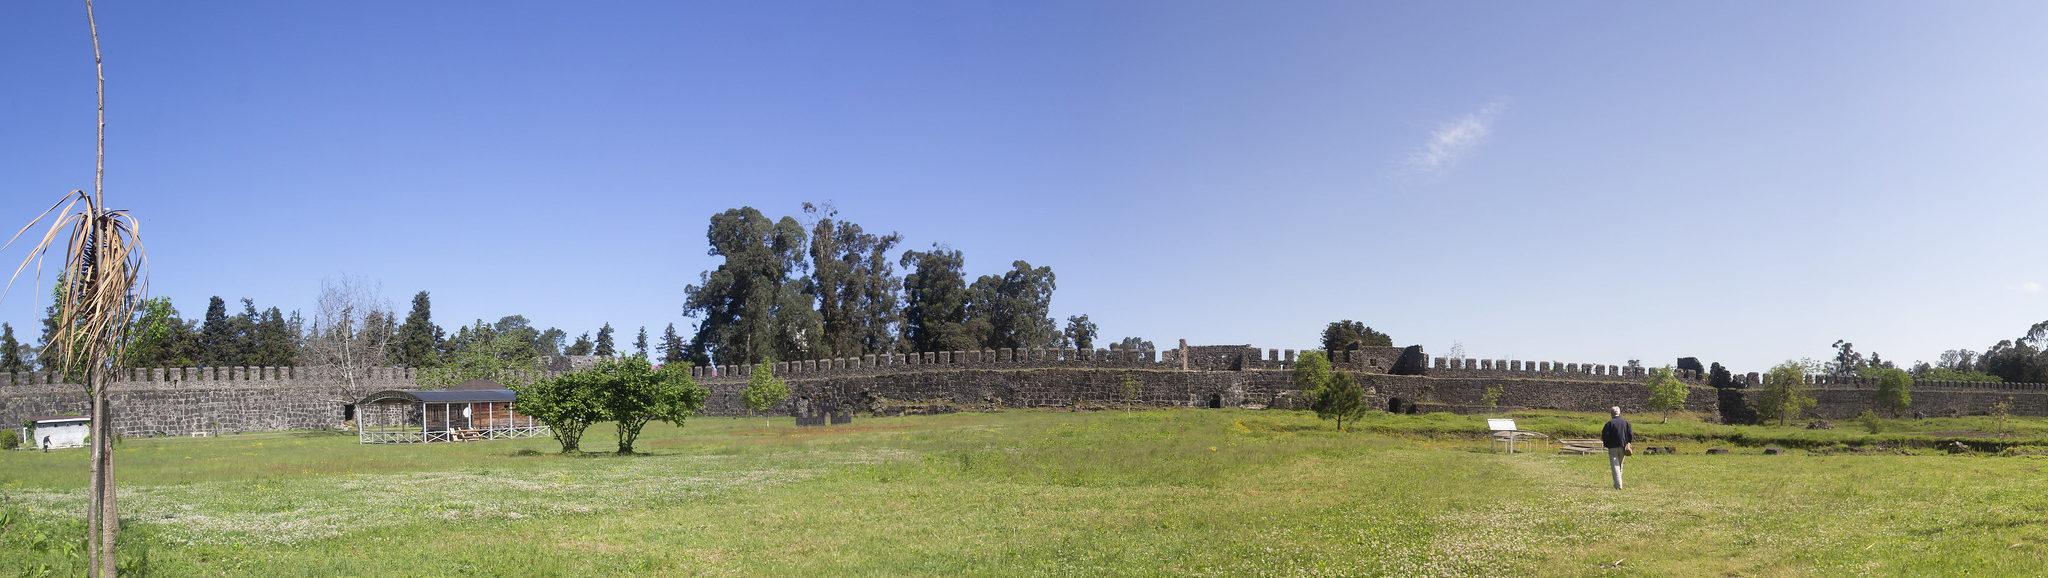 Гонио-Апсаросская крепость Батуми